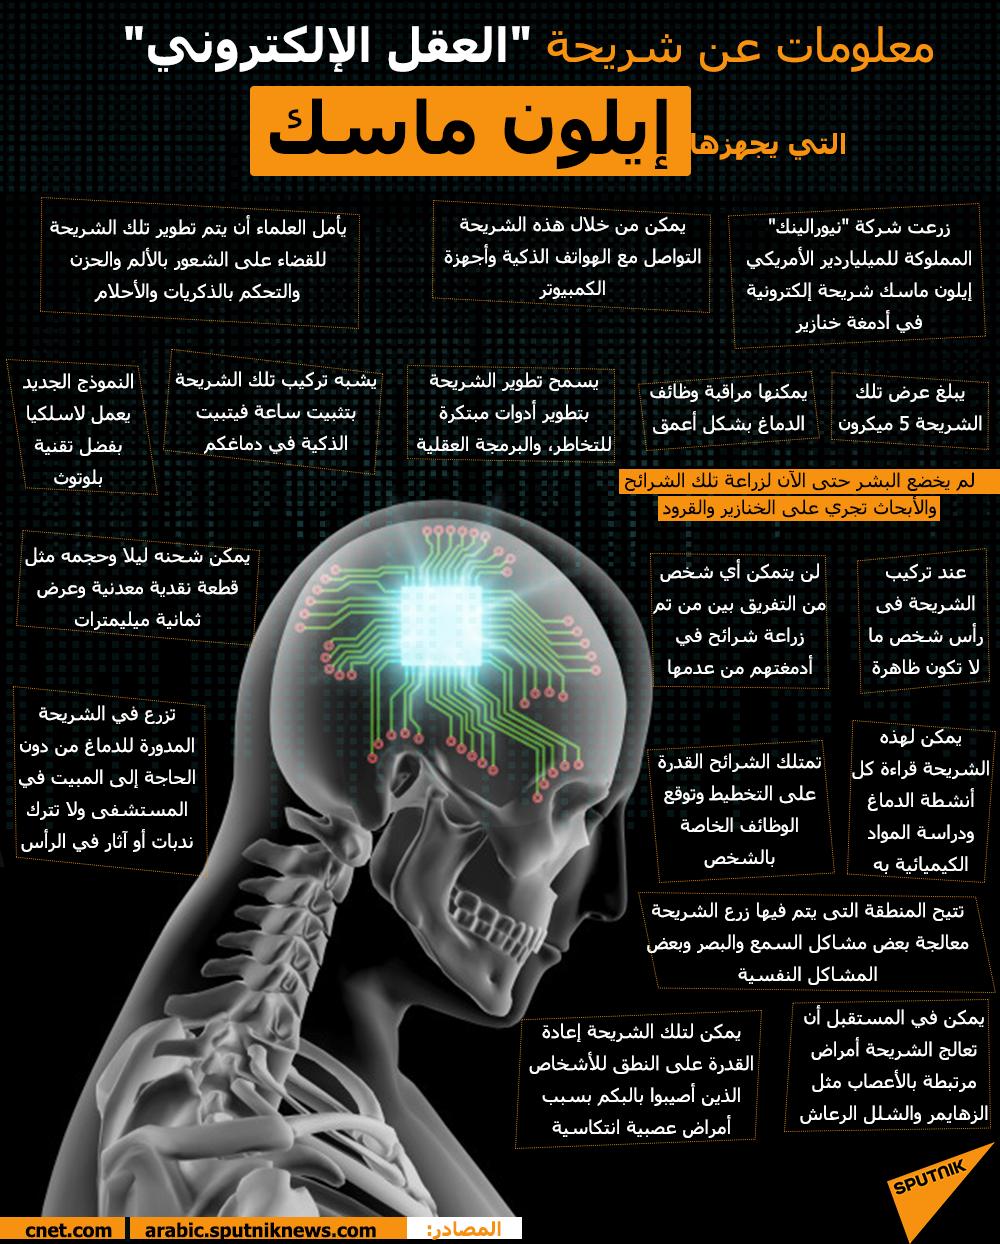 إنفوجرافيك... معلومات عن شريحة العقل الإلكتروني التي يجهزها إيلون ماسك